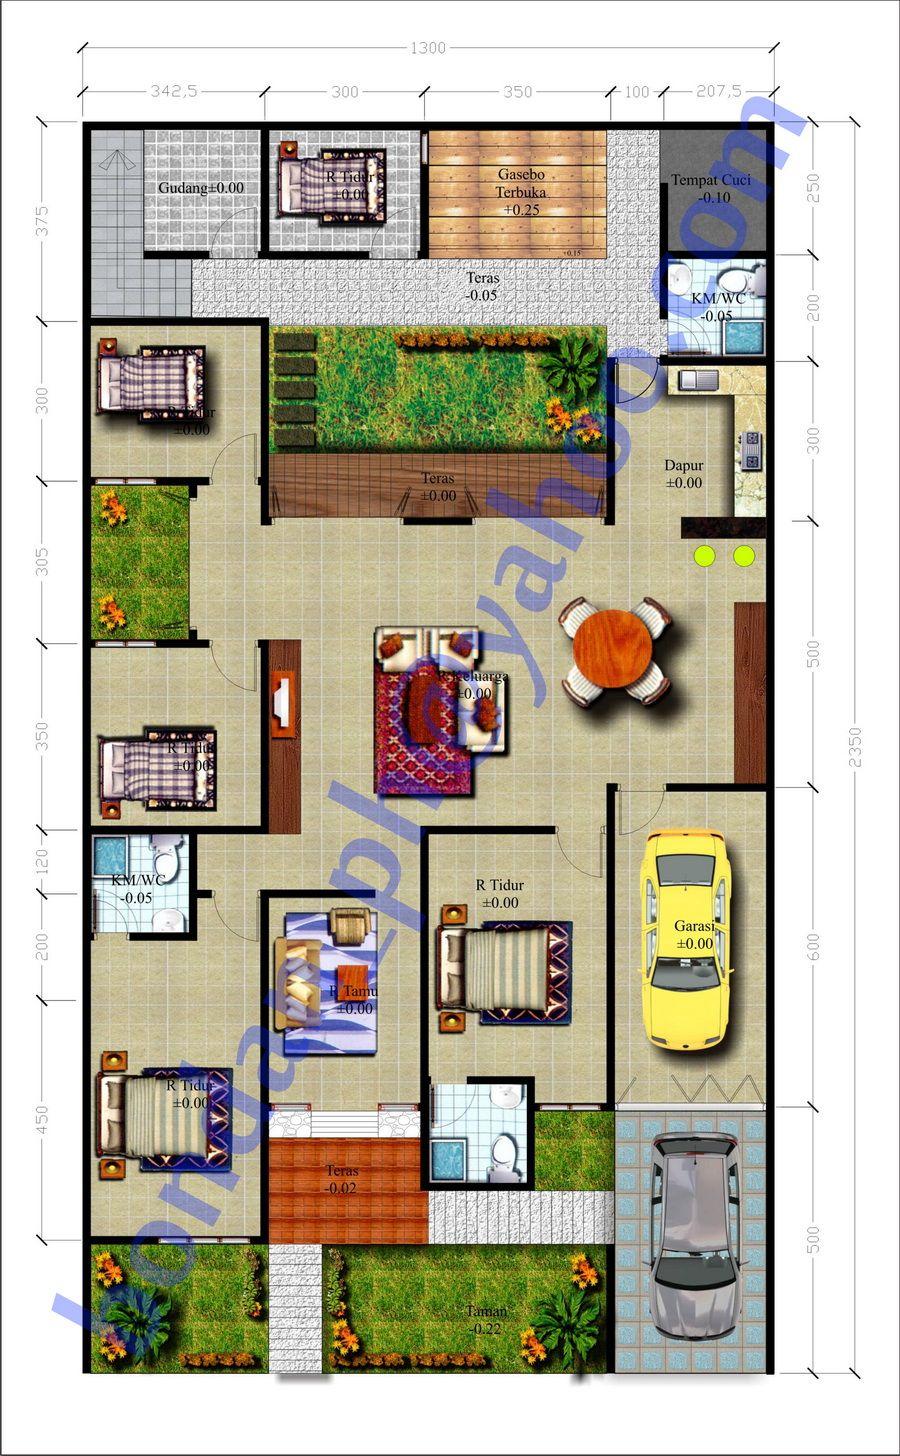 Desain Rumah The Sims 4 : desain, rumah, Macam, Desain, Rumah, Mewah, Wajib, Ketahui, Deagam, Design